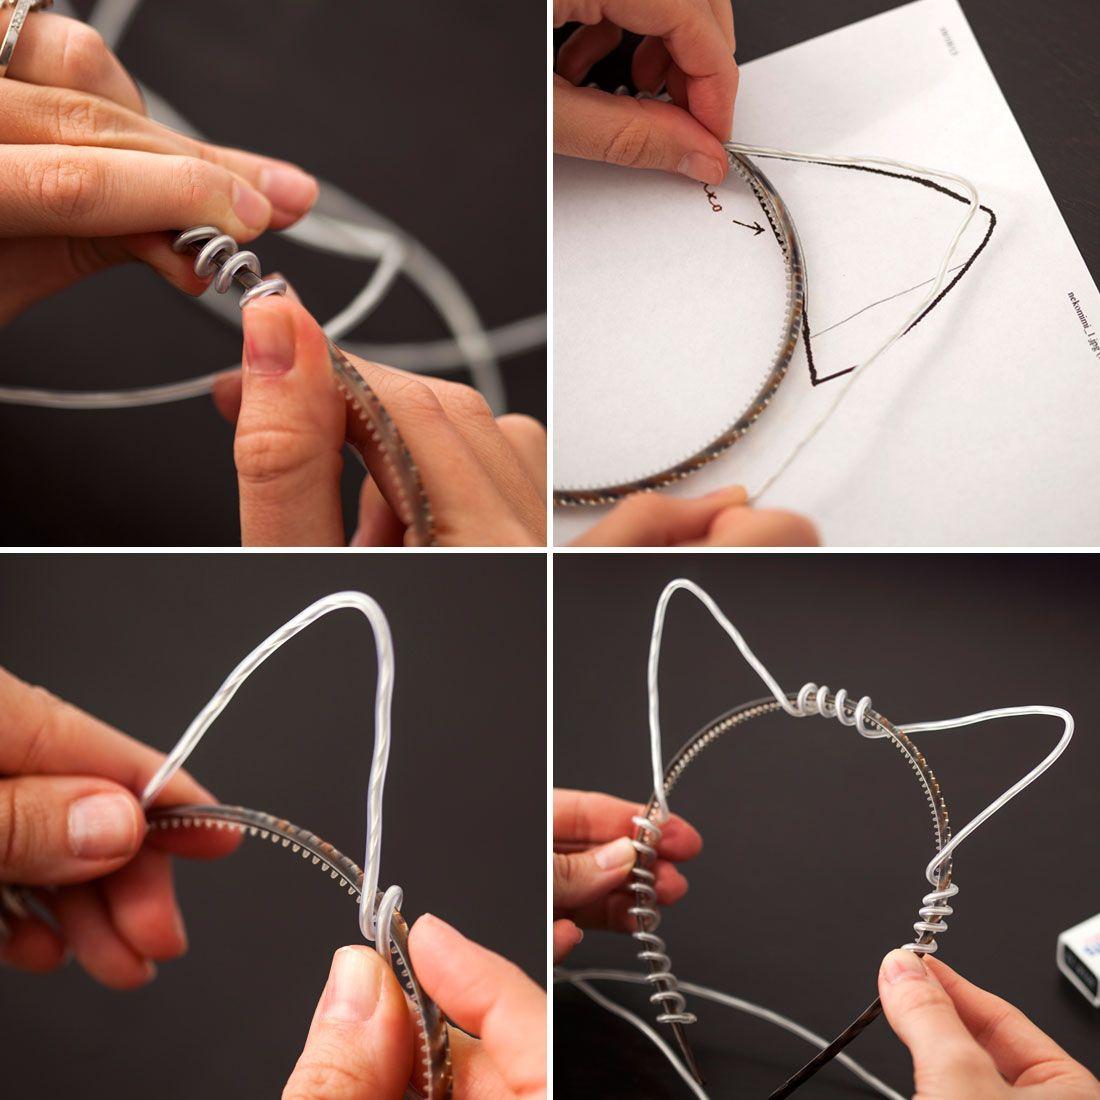 Let's Get Lit! 3 Easy DIY LED Headbands for Halloween